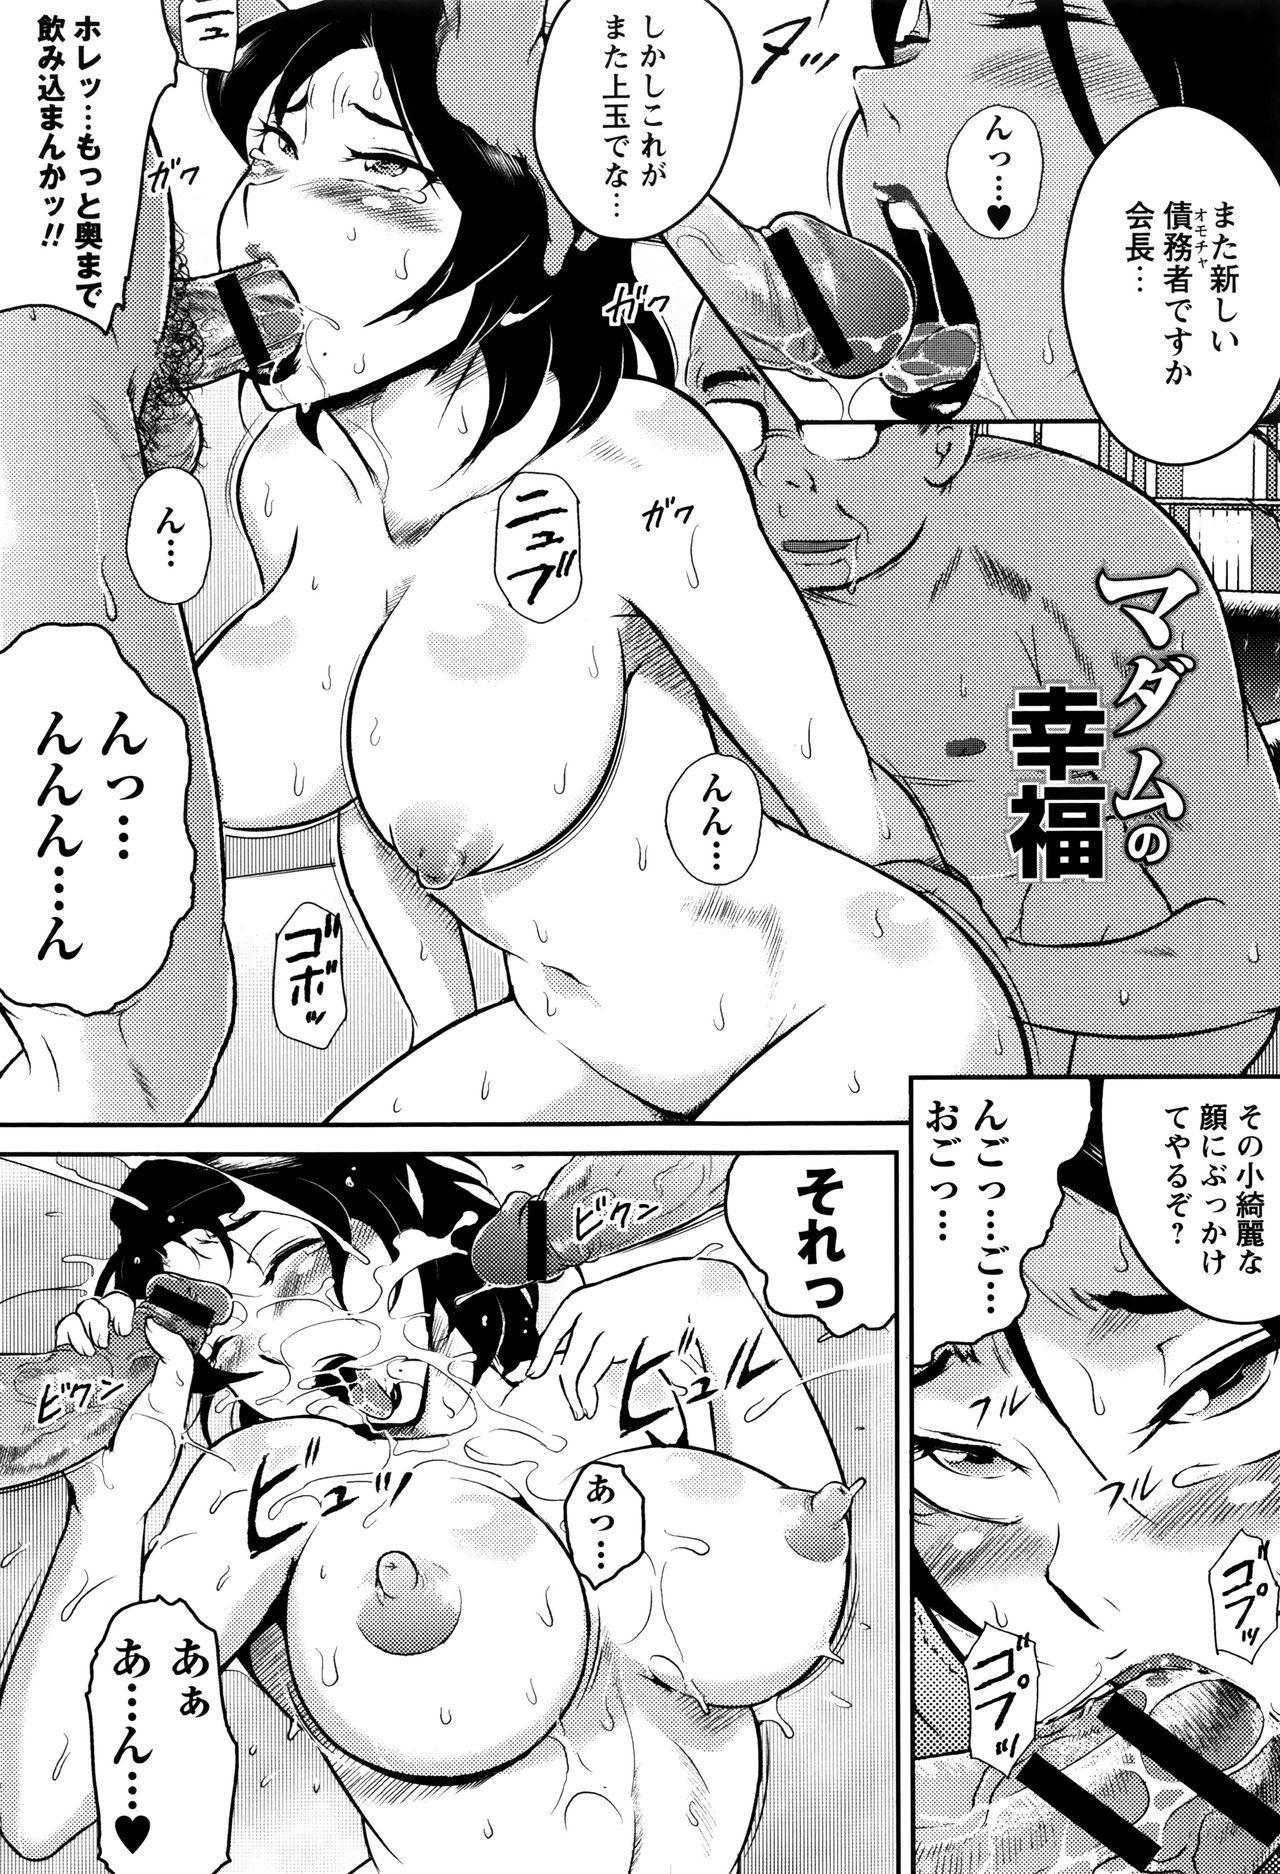 Ero BBA ♥ Dosukebe Ha Sengen 206